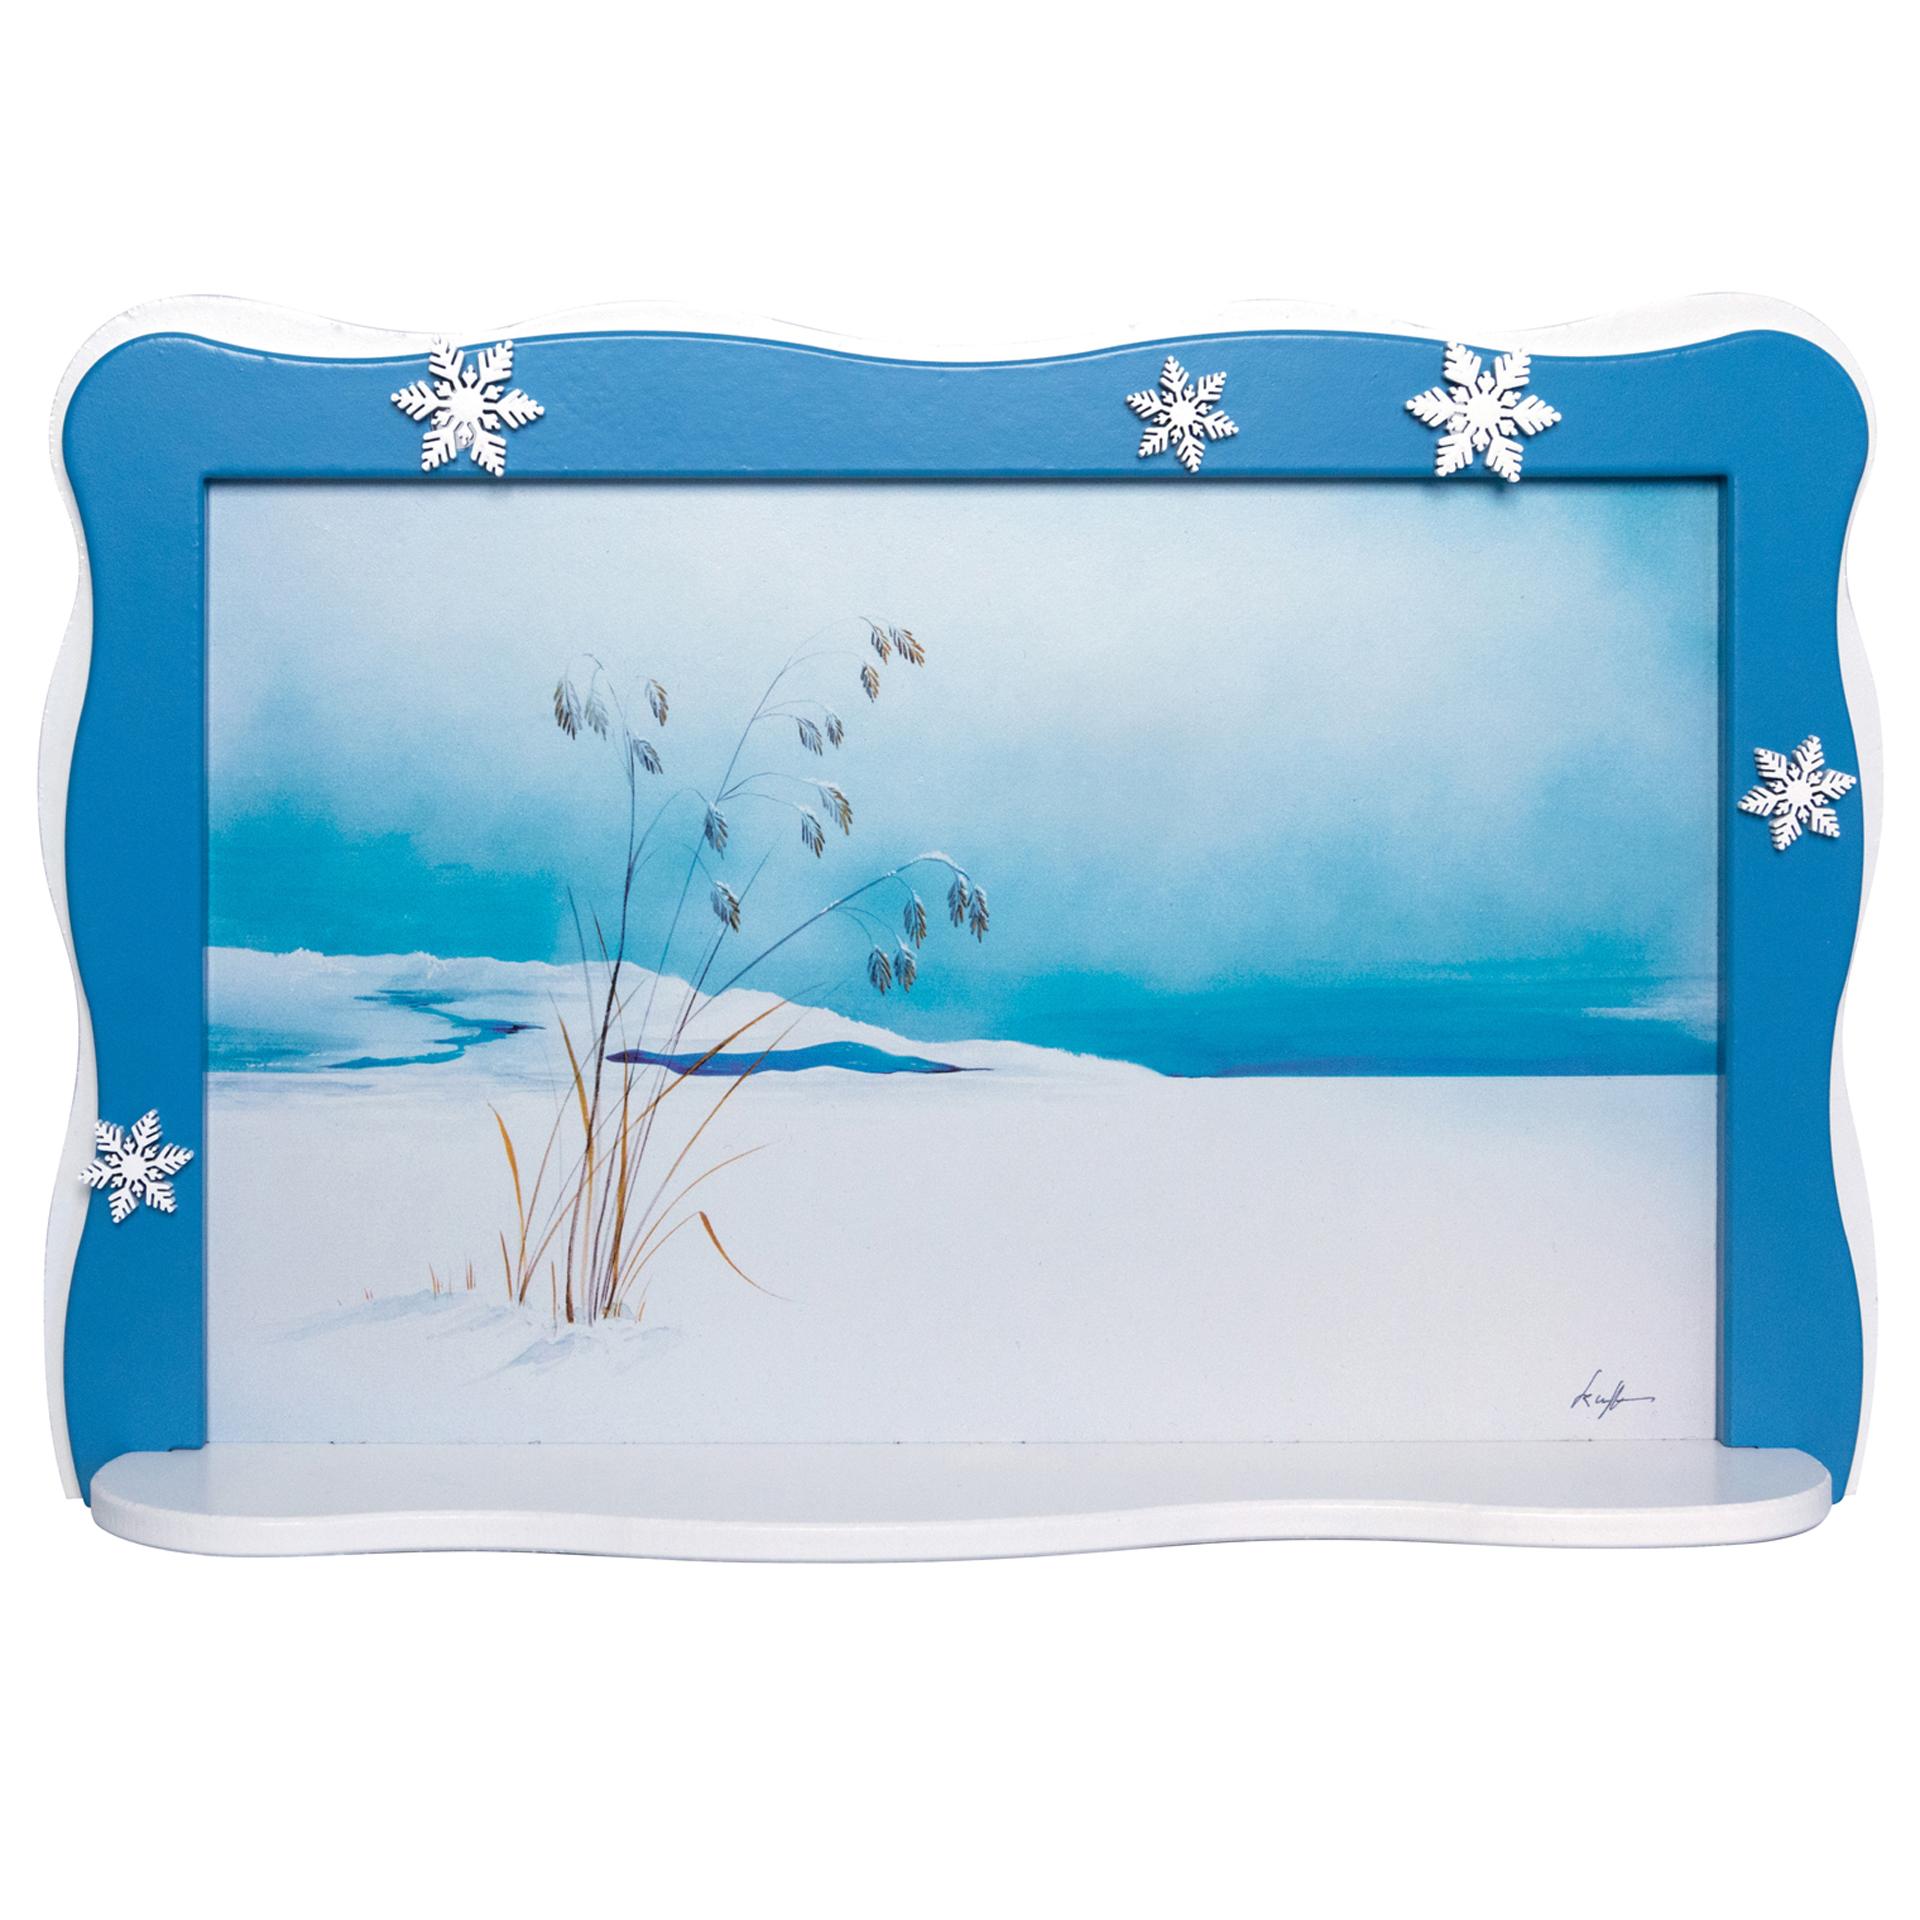 Schneeflöckchenbild Grashalme